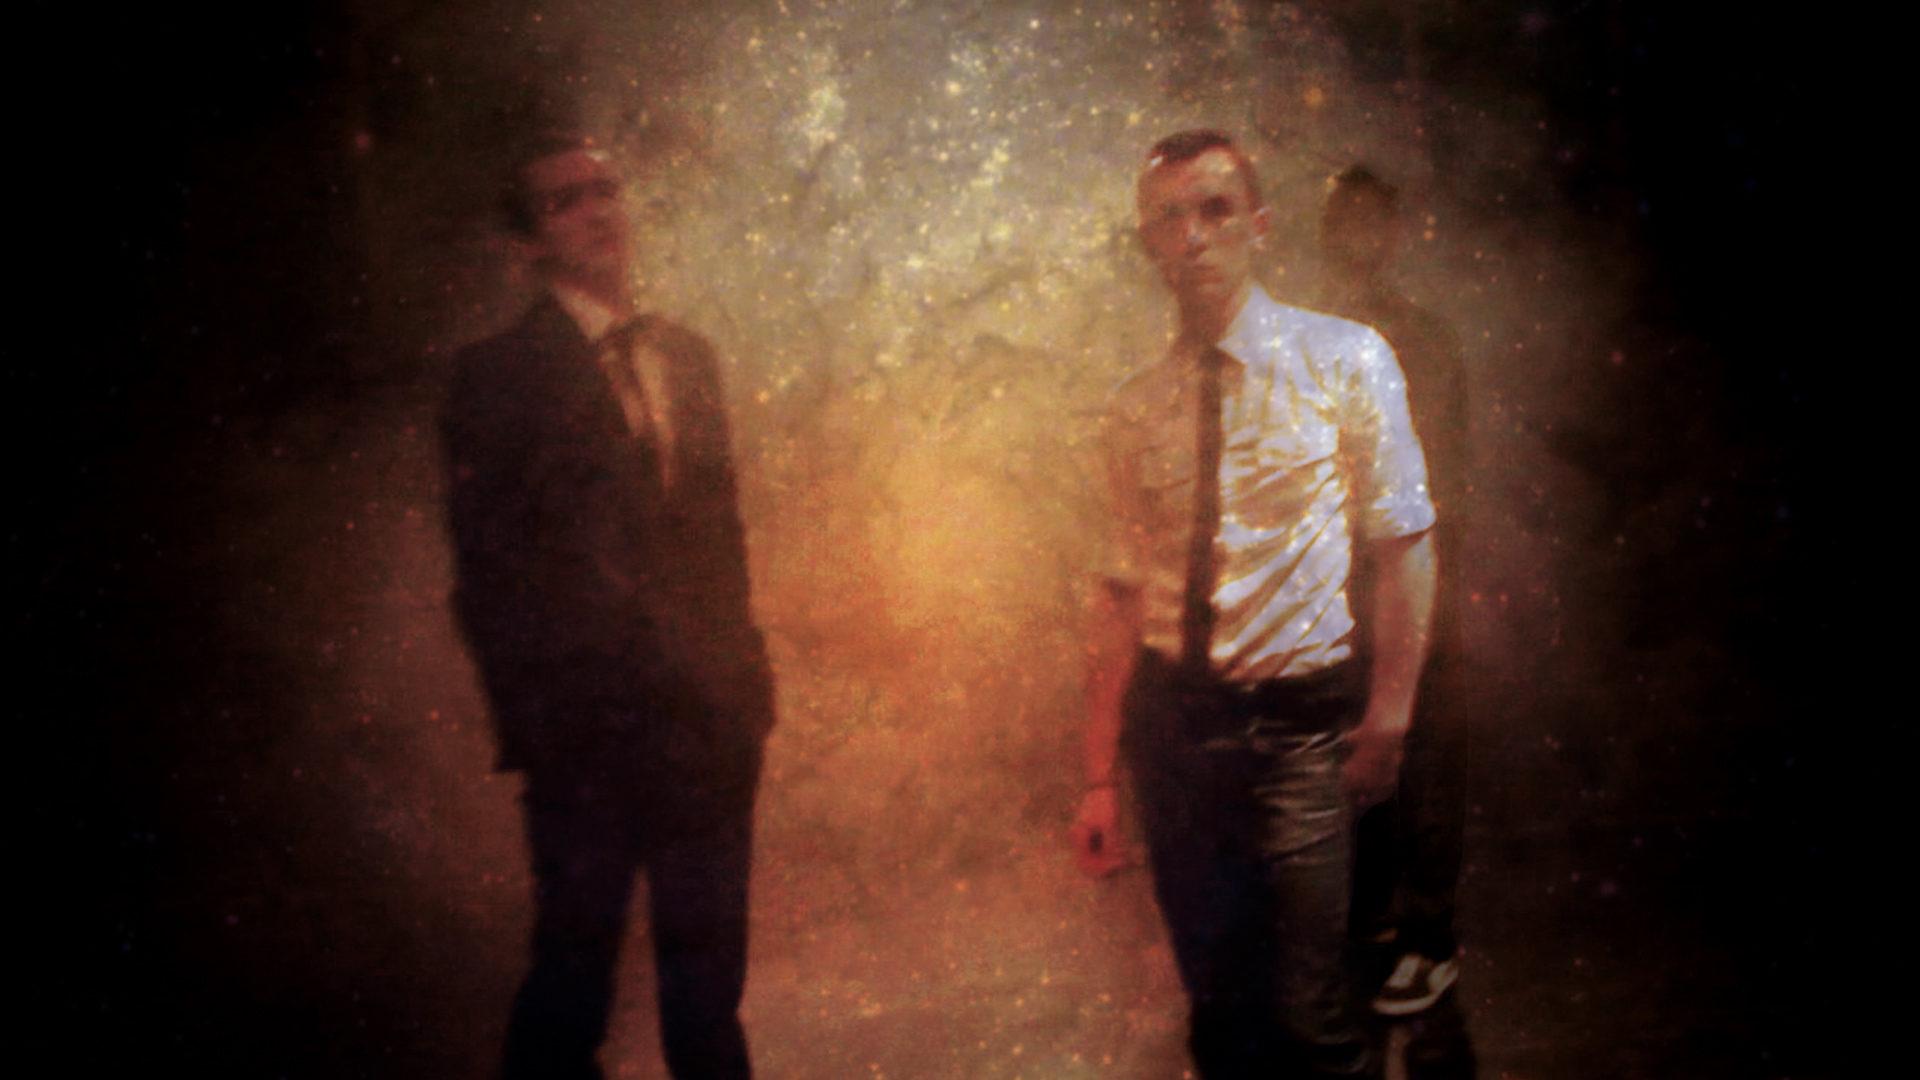 3 personnes de face poussière d'étoiles